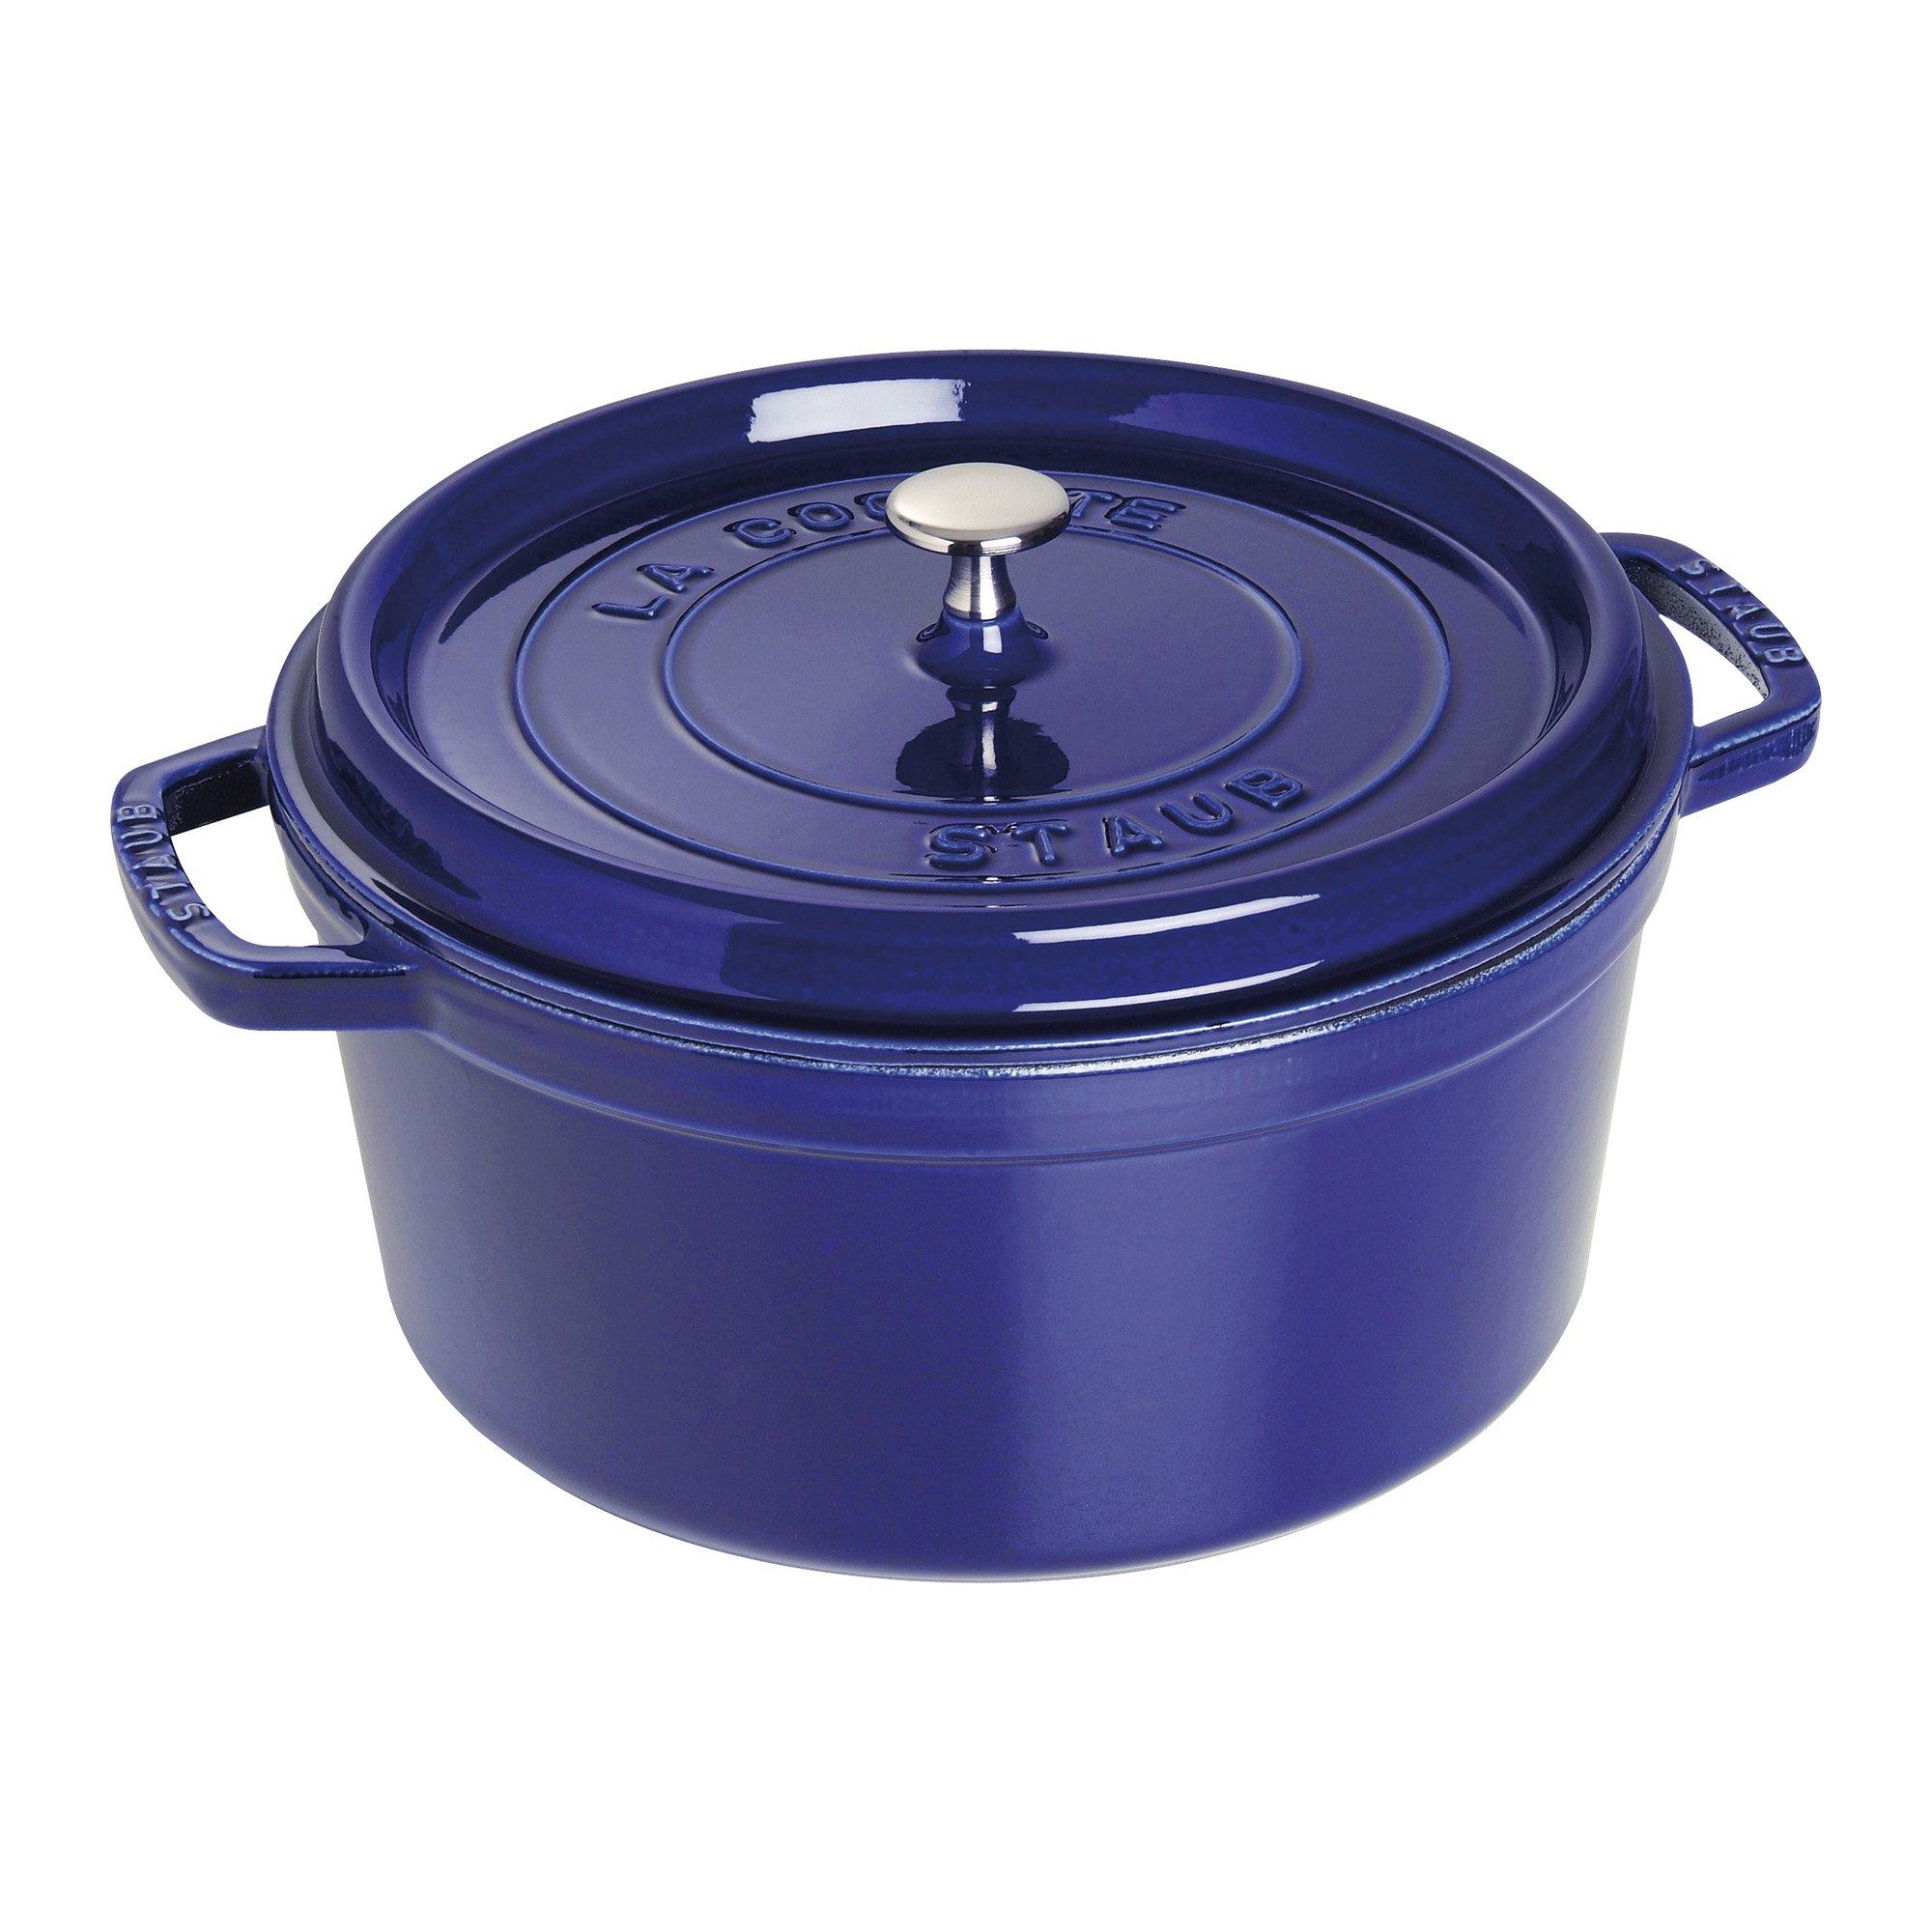 Staub Round Cocotte, Dark Blue, 7 qt. - Dark Blue